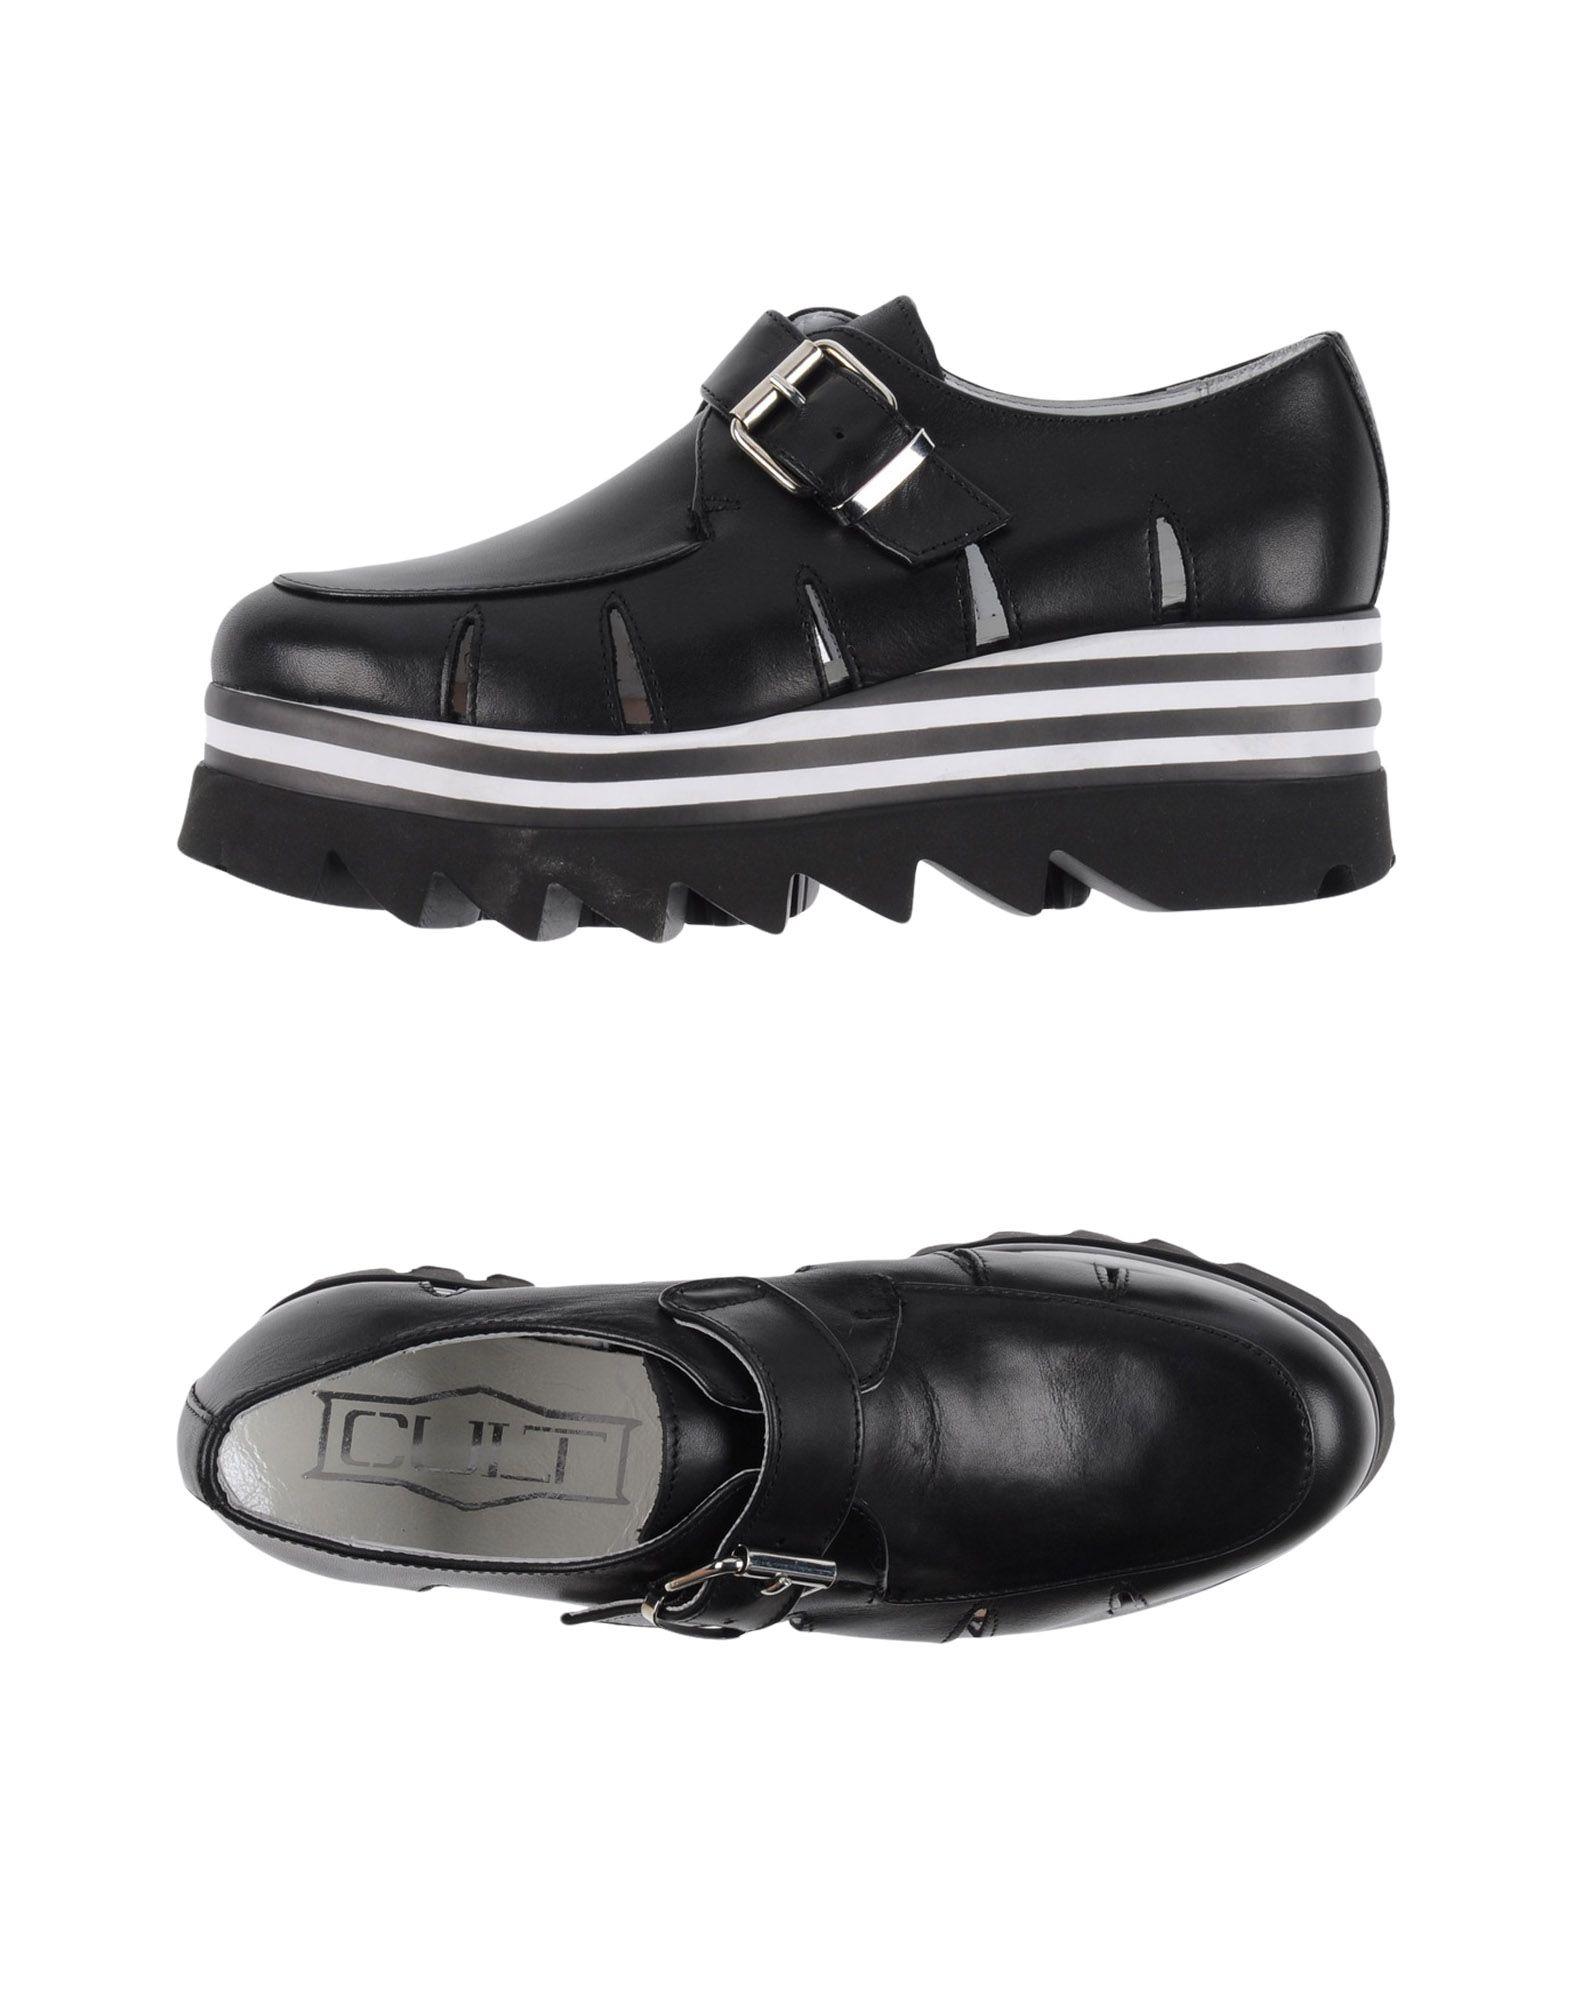 Cult Mokassins Damen  11126241EH Gute Qualität beliebte Schuhe